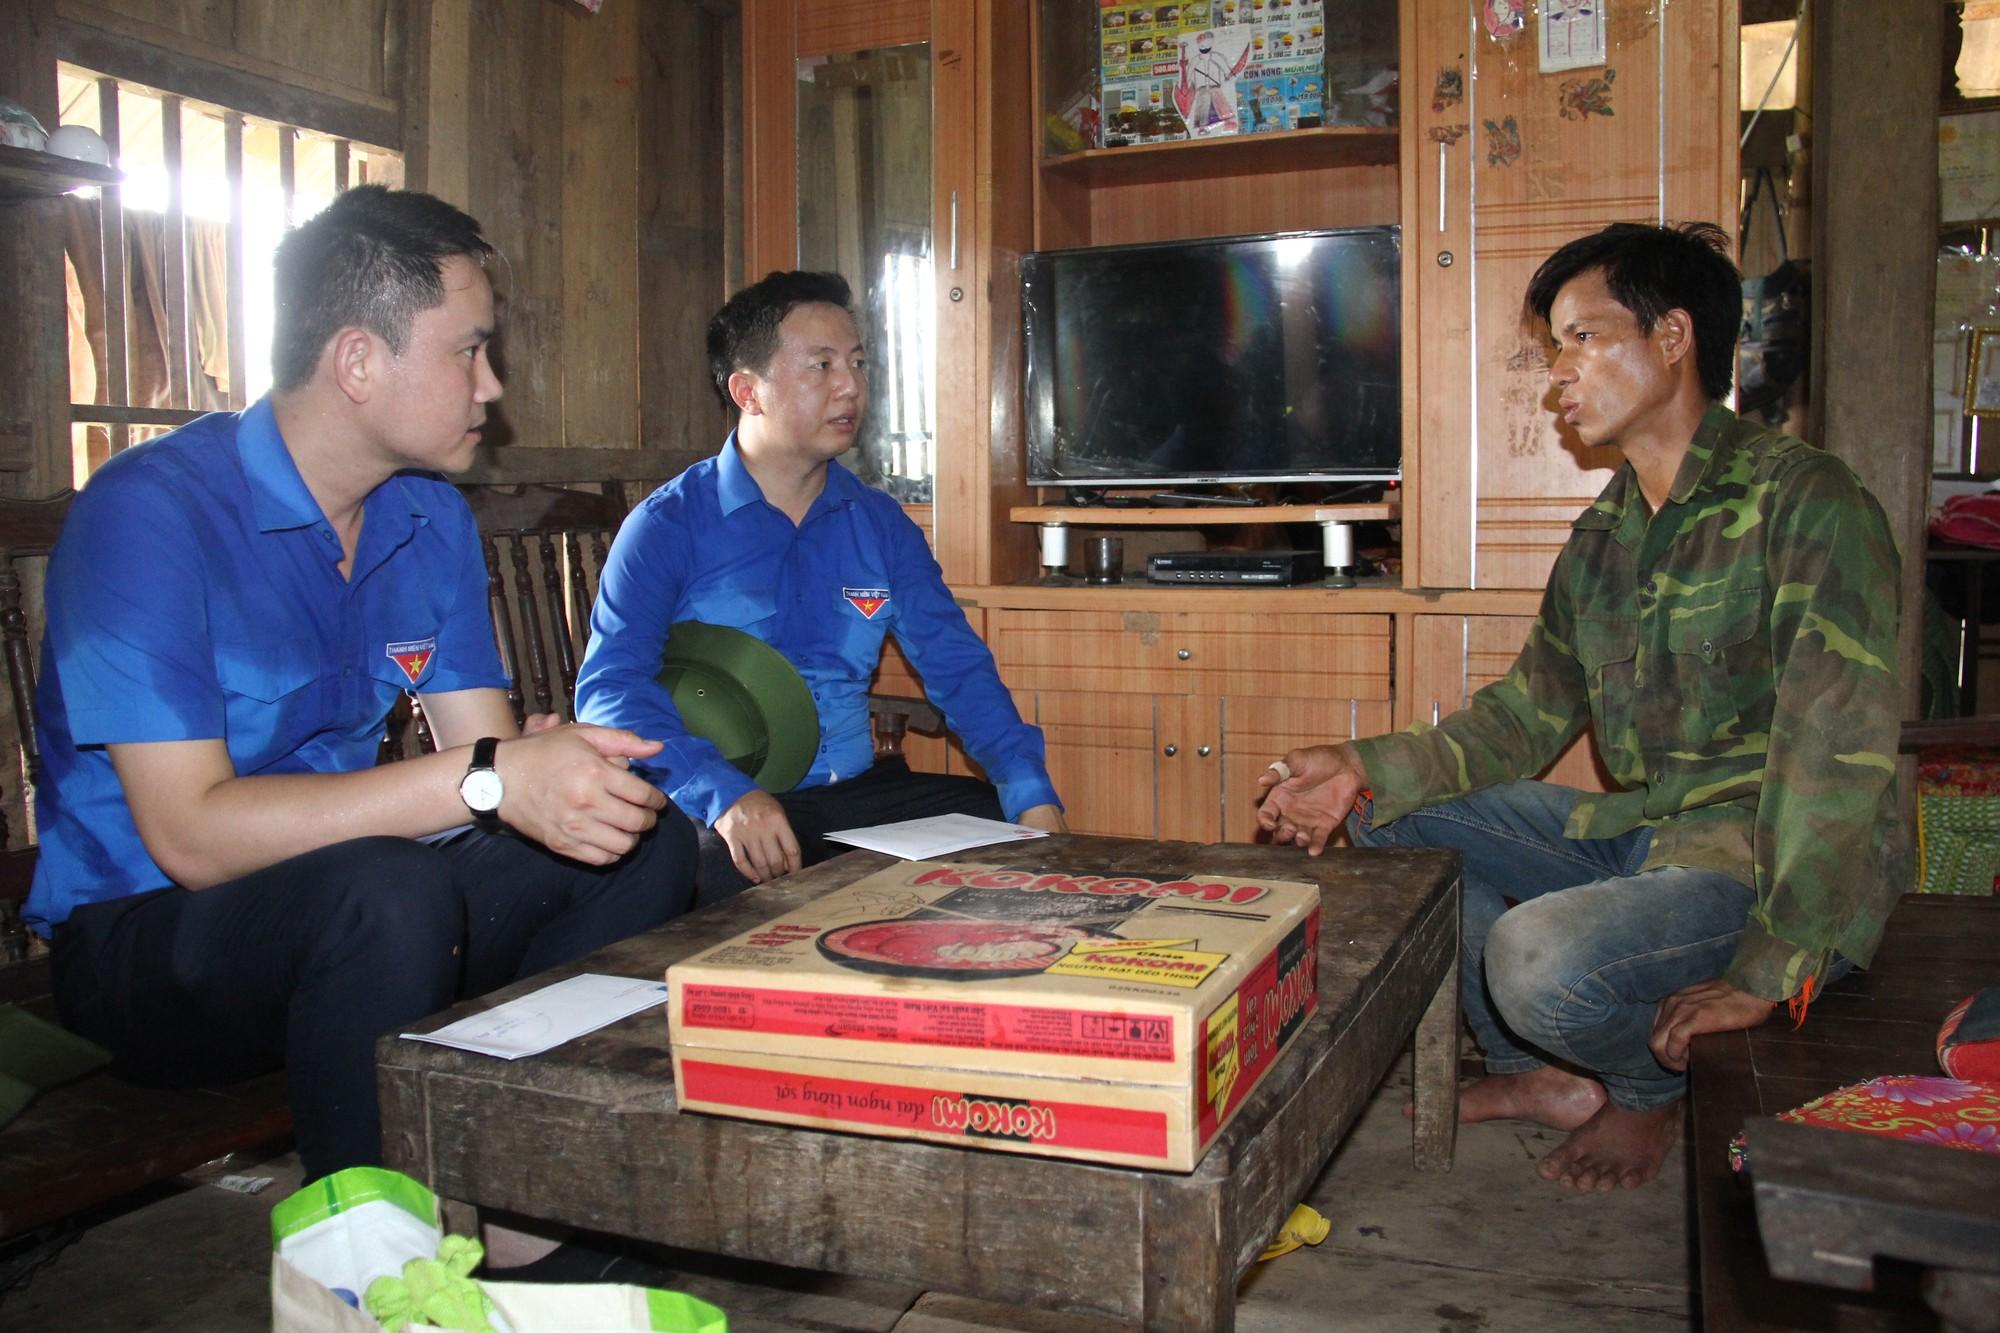 Trung ương Đoàn, Trung ương Hội chung tay hỗ trợ bà con nhân dân Lai Châu vượt qua lũ lụt - Ảnh 4.